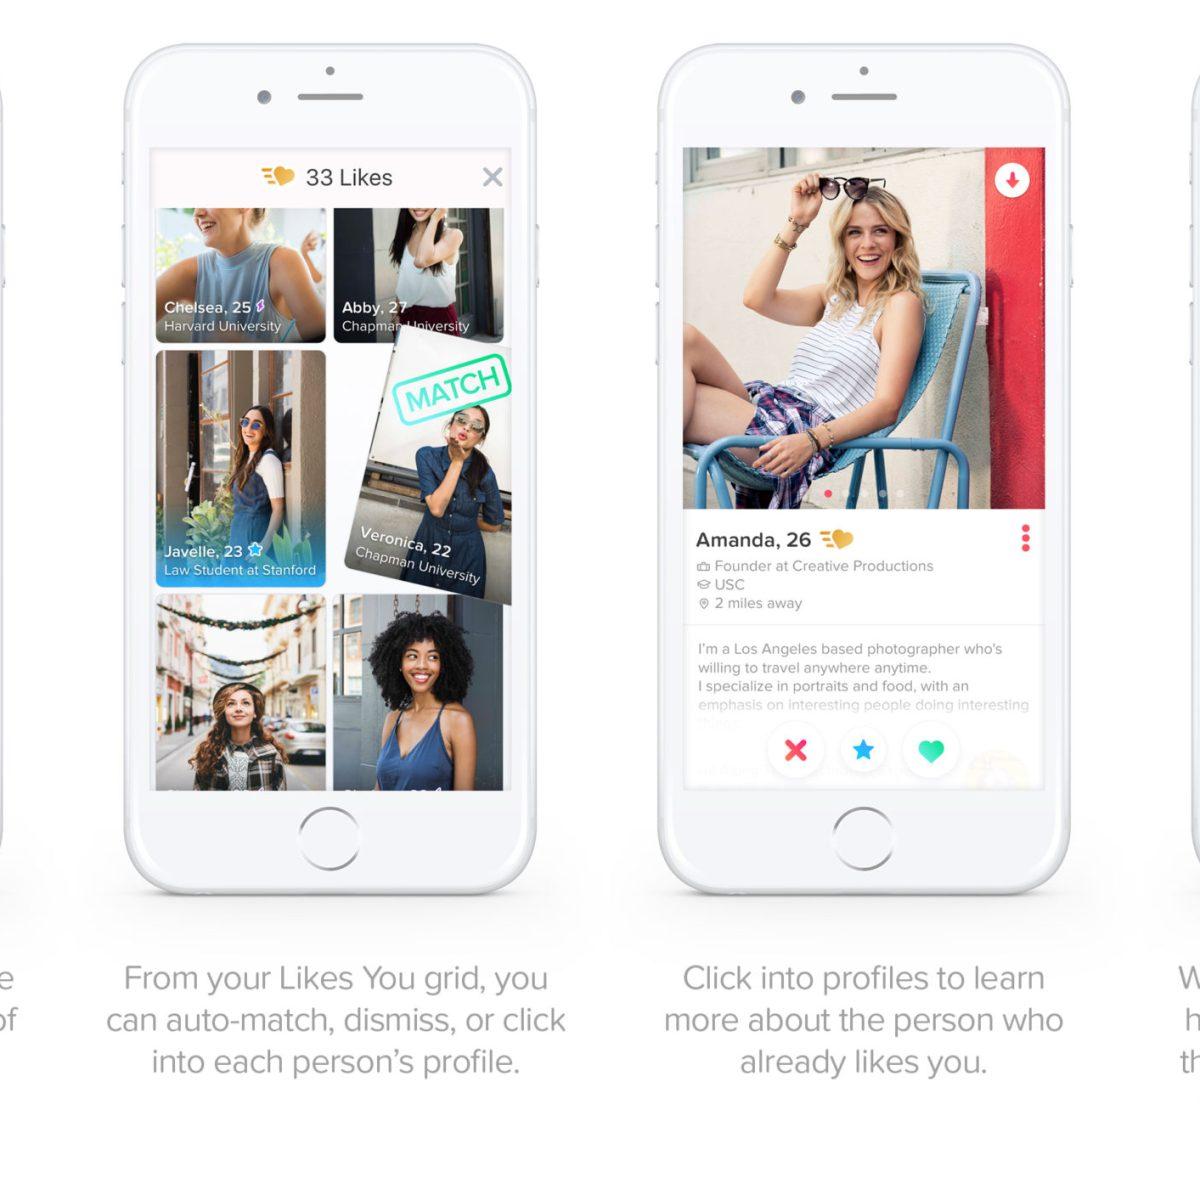 Gold android 2019 hack tinder Tinder Hack